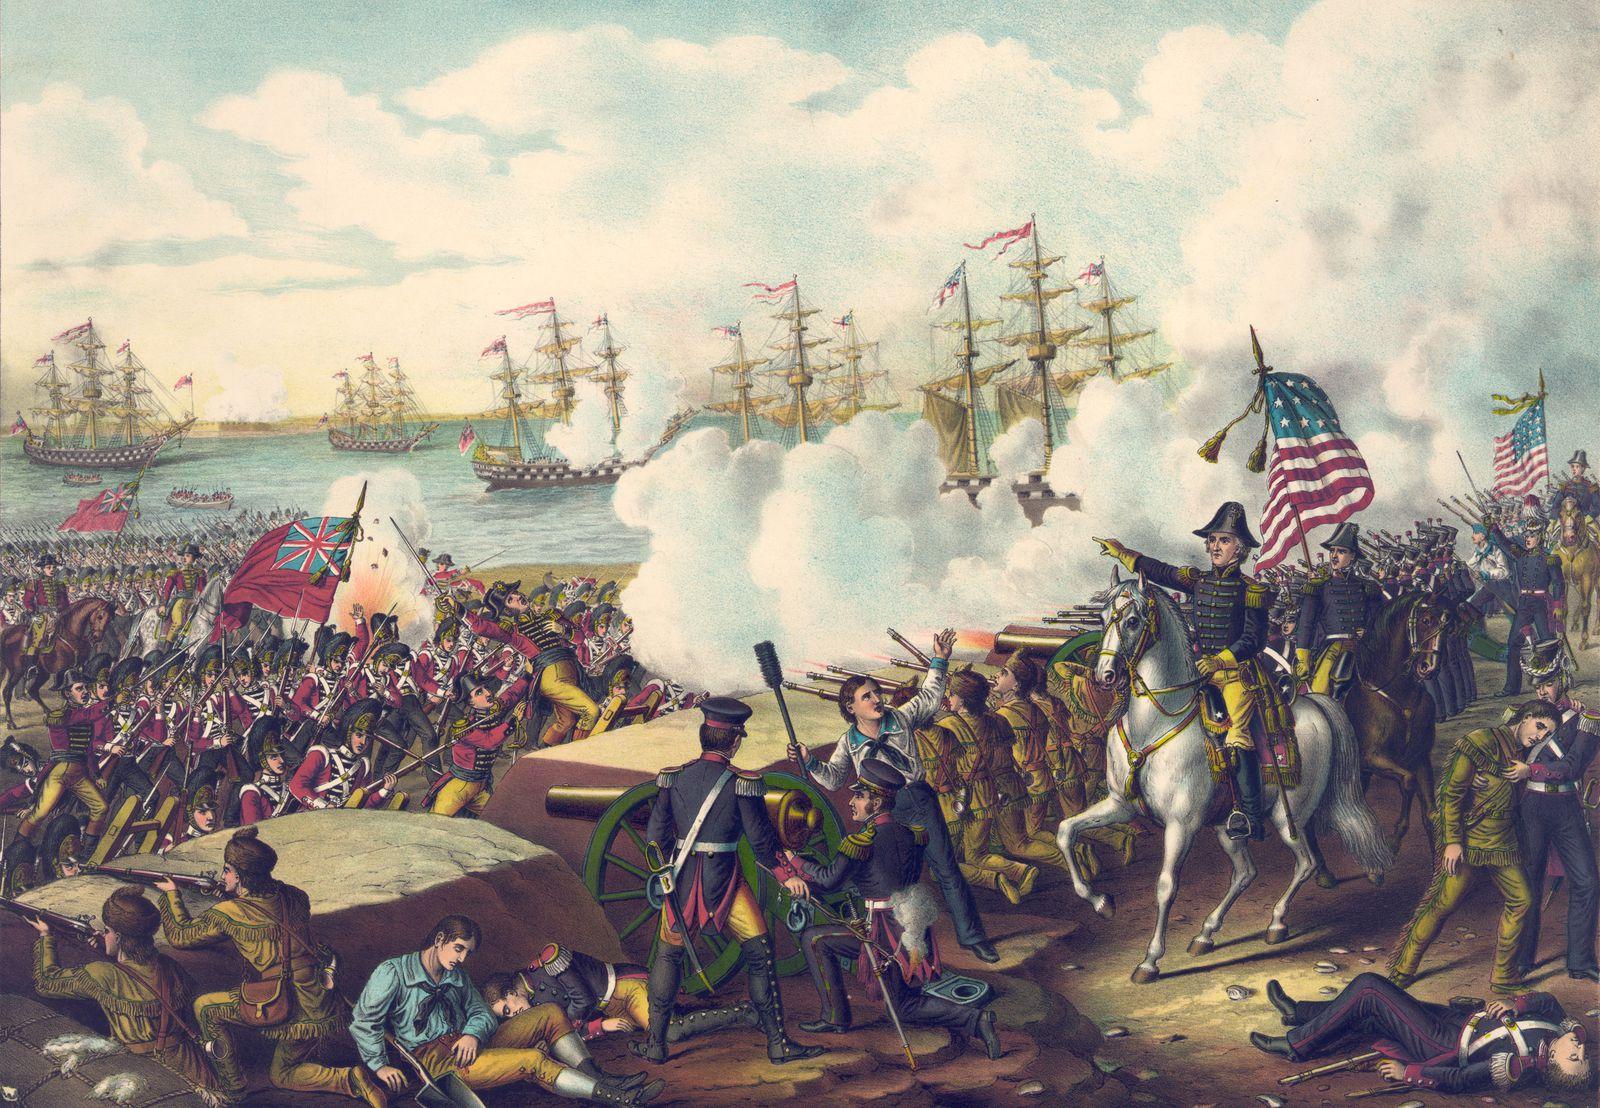 Năm cuộc chiến tranh 'dại dột' trong lịch sử nước Mỹ